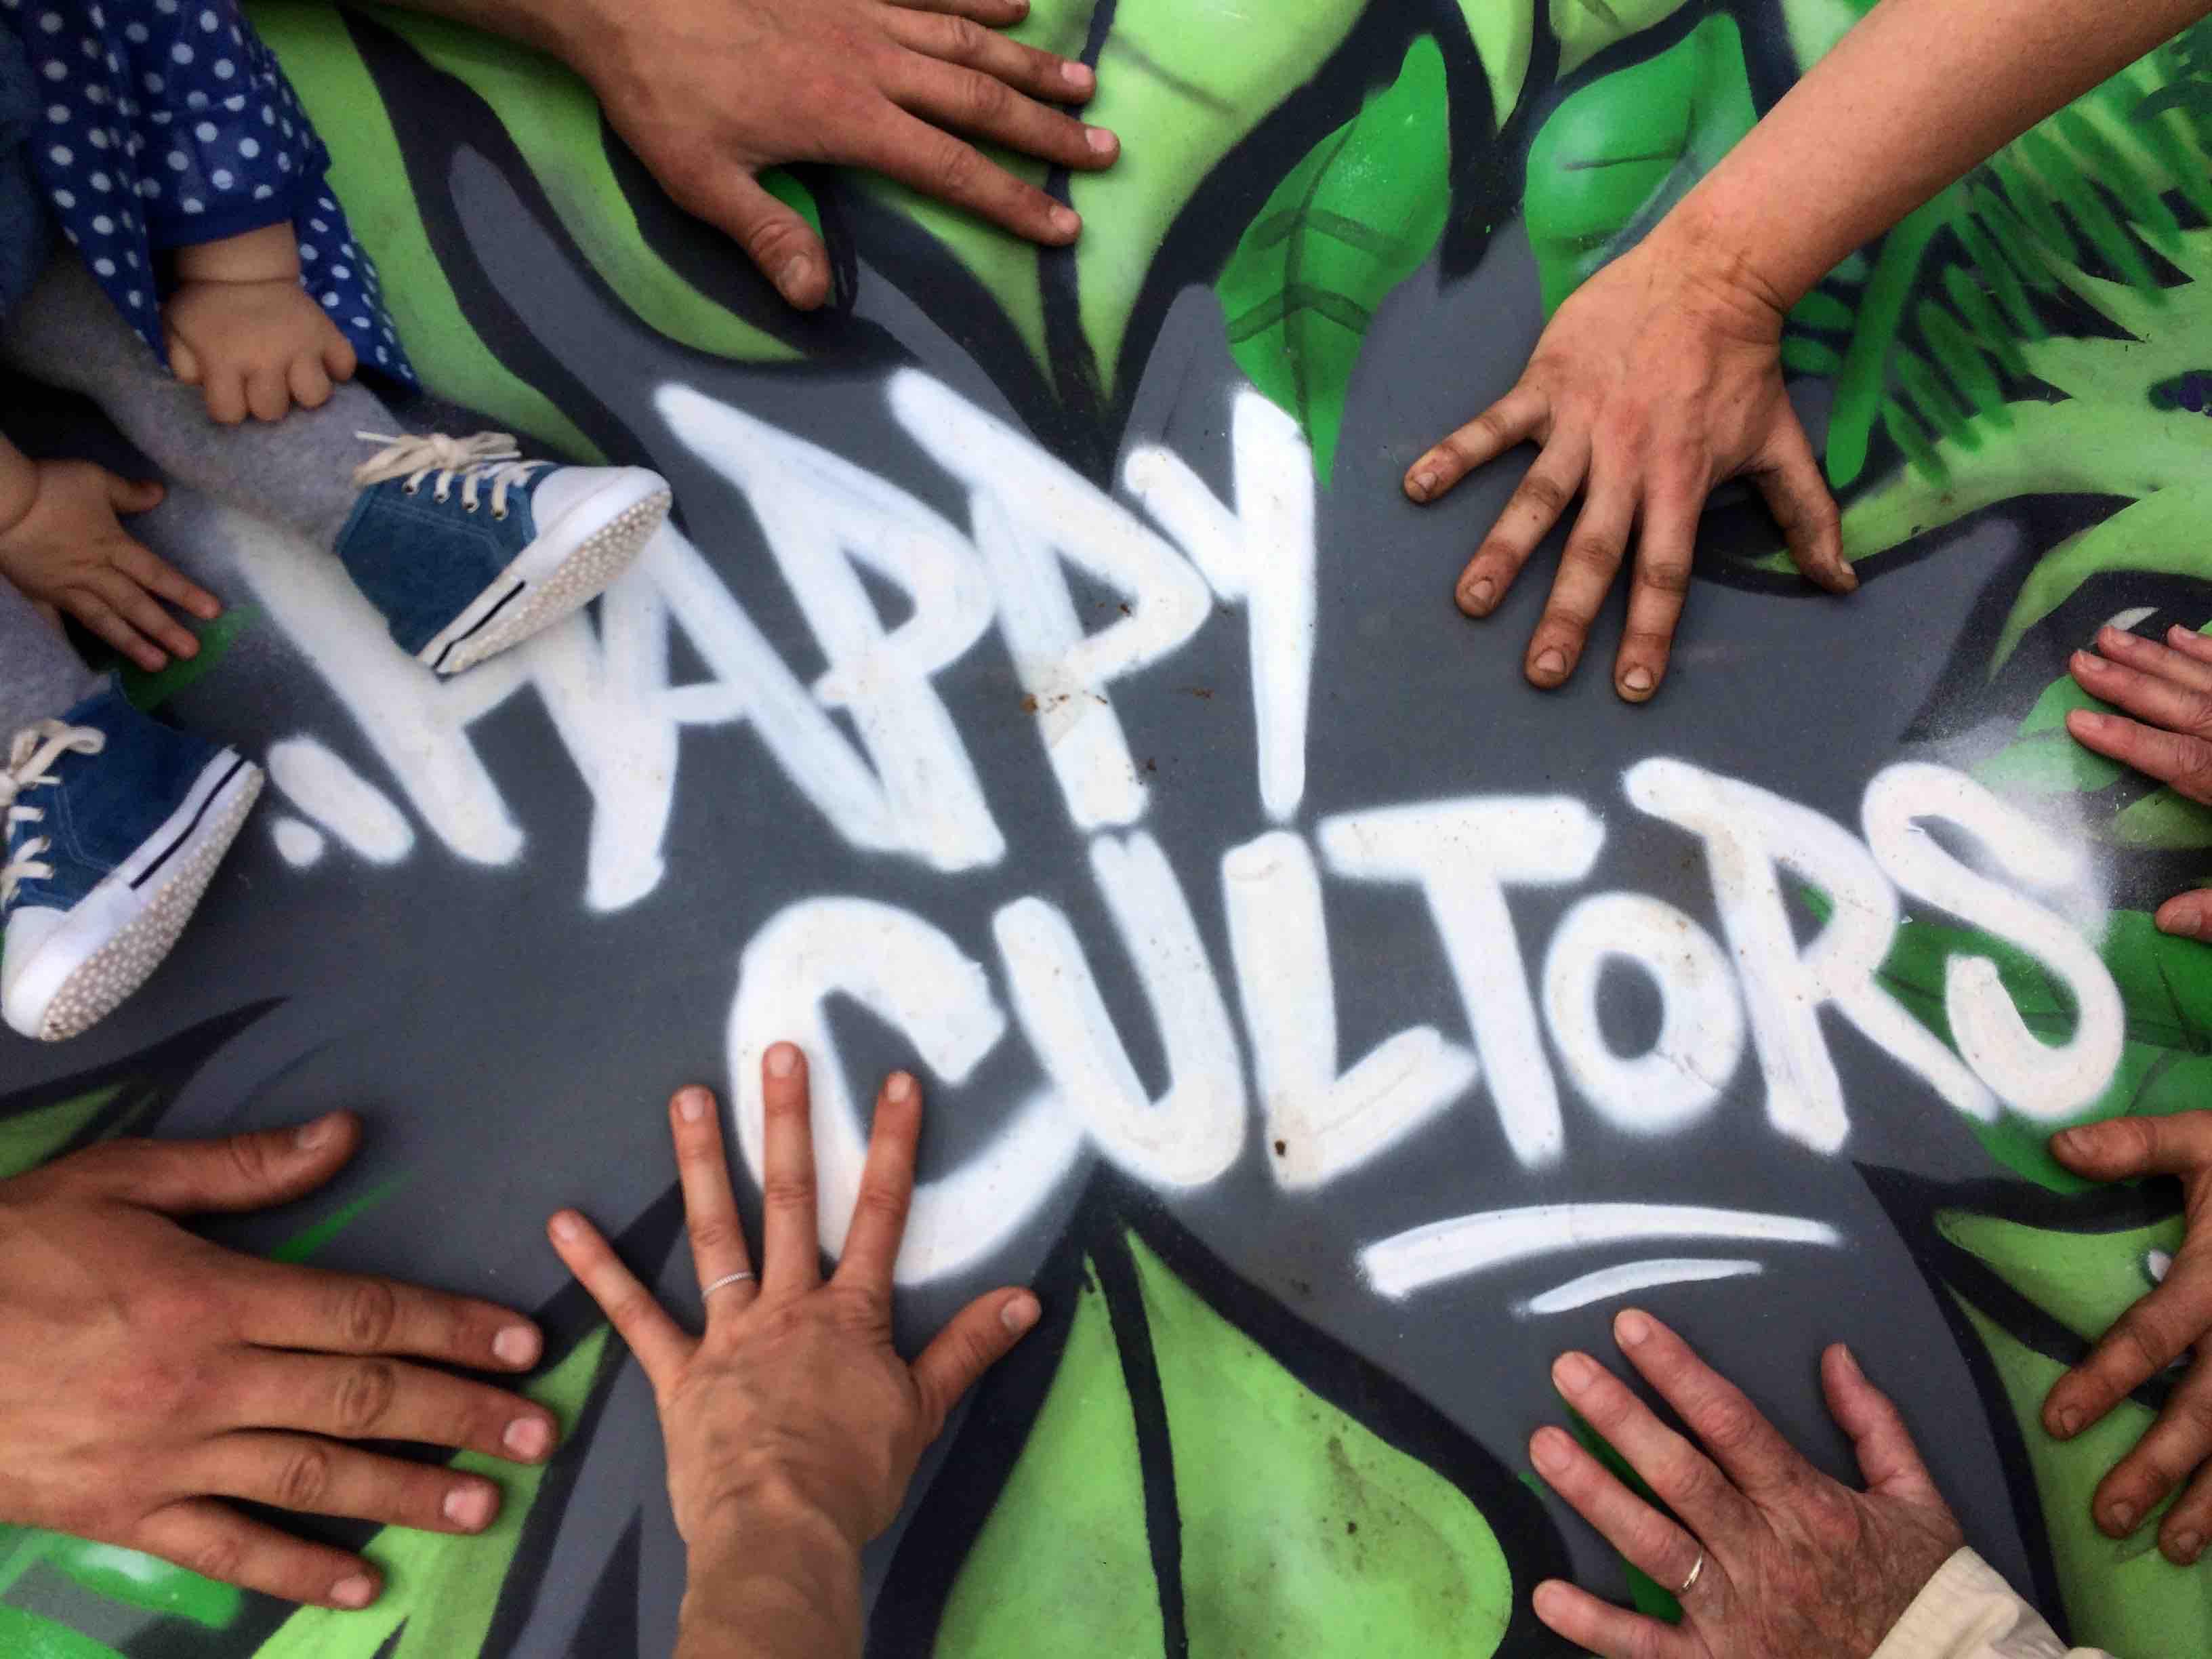 Association - HAPPY CULTORS